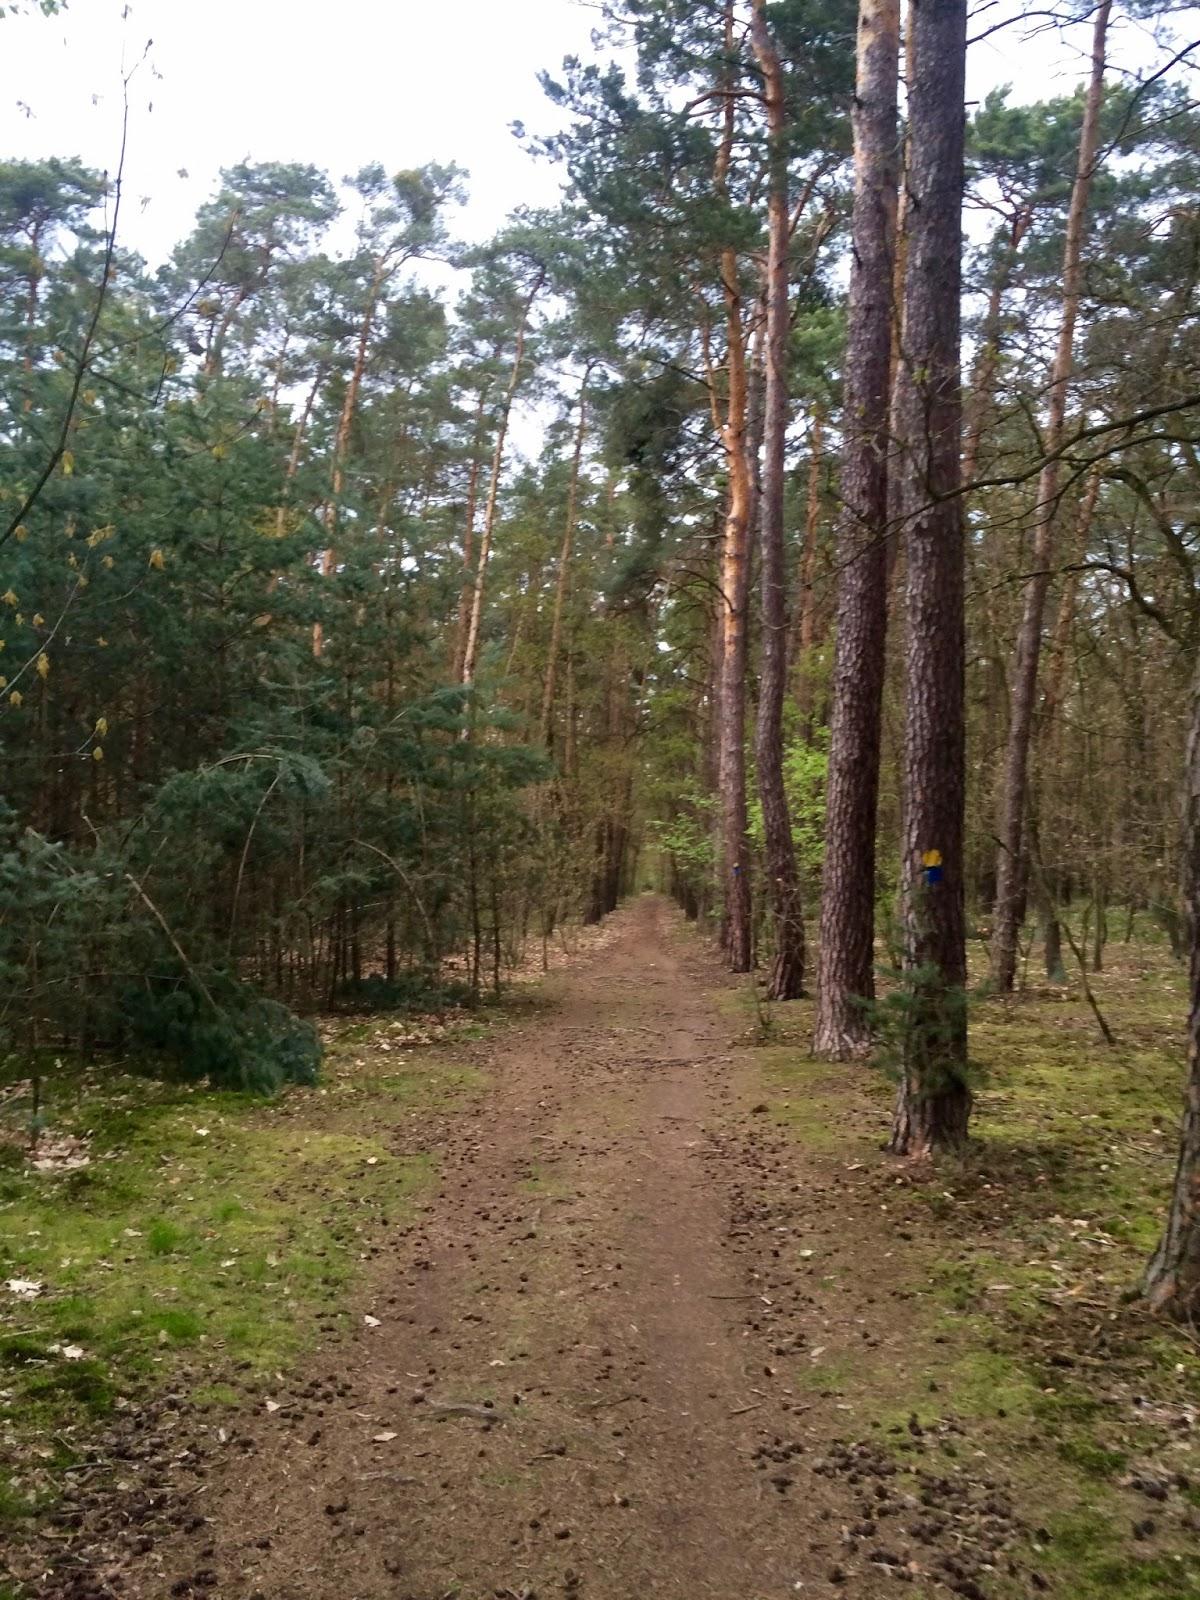 badfd0813fe Zátopkovy běžecké trasy po ibáči - Běhej srdcem